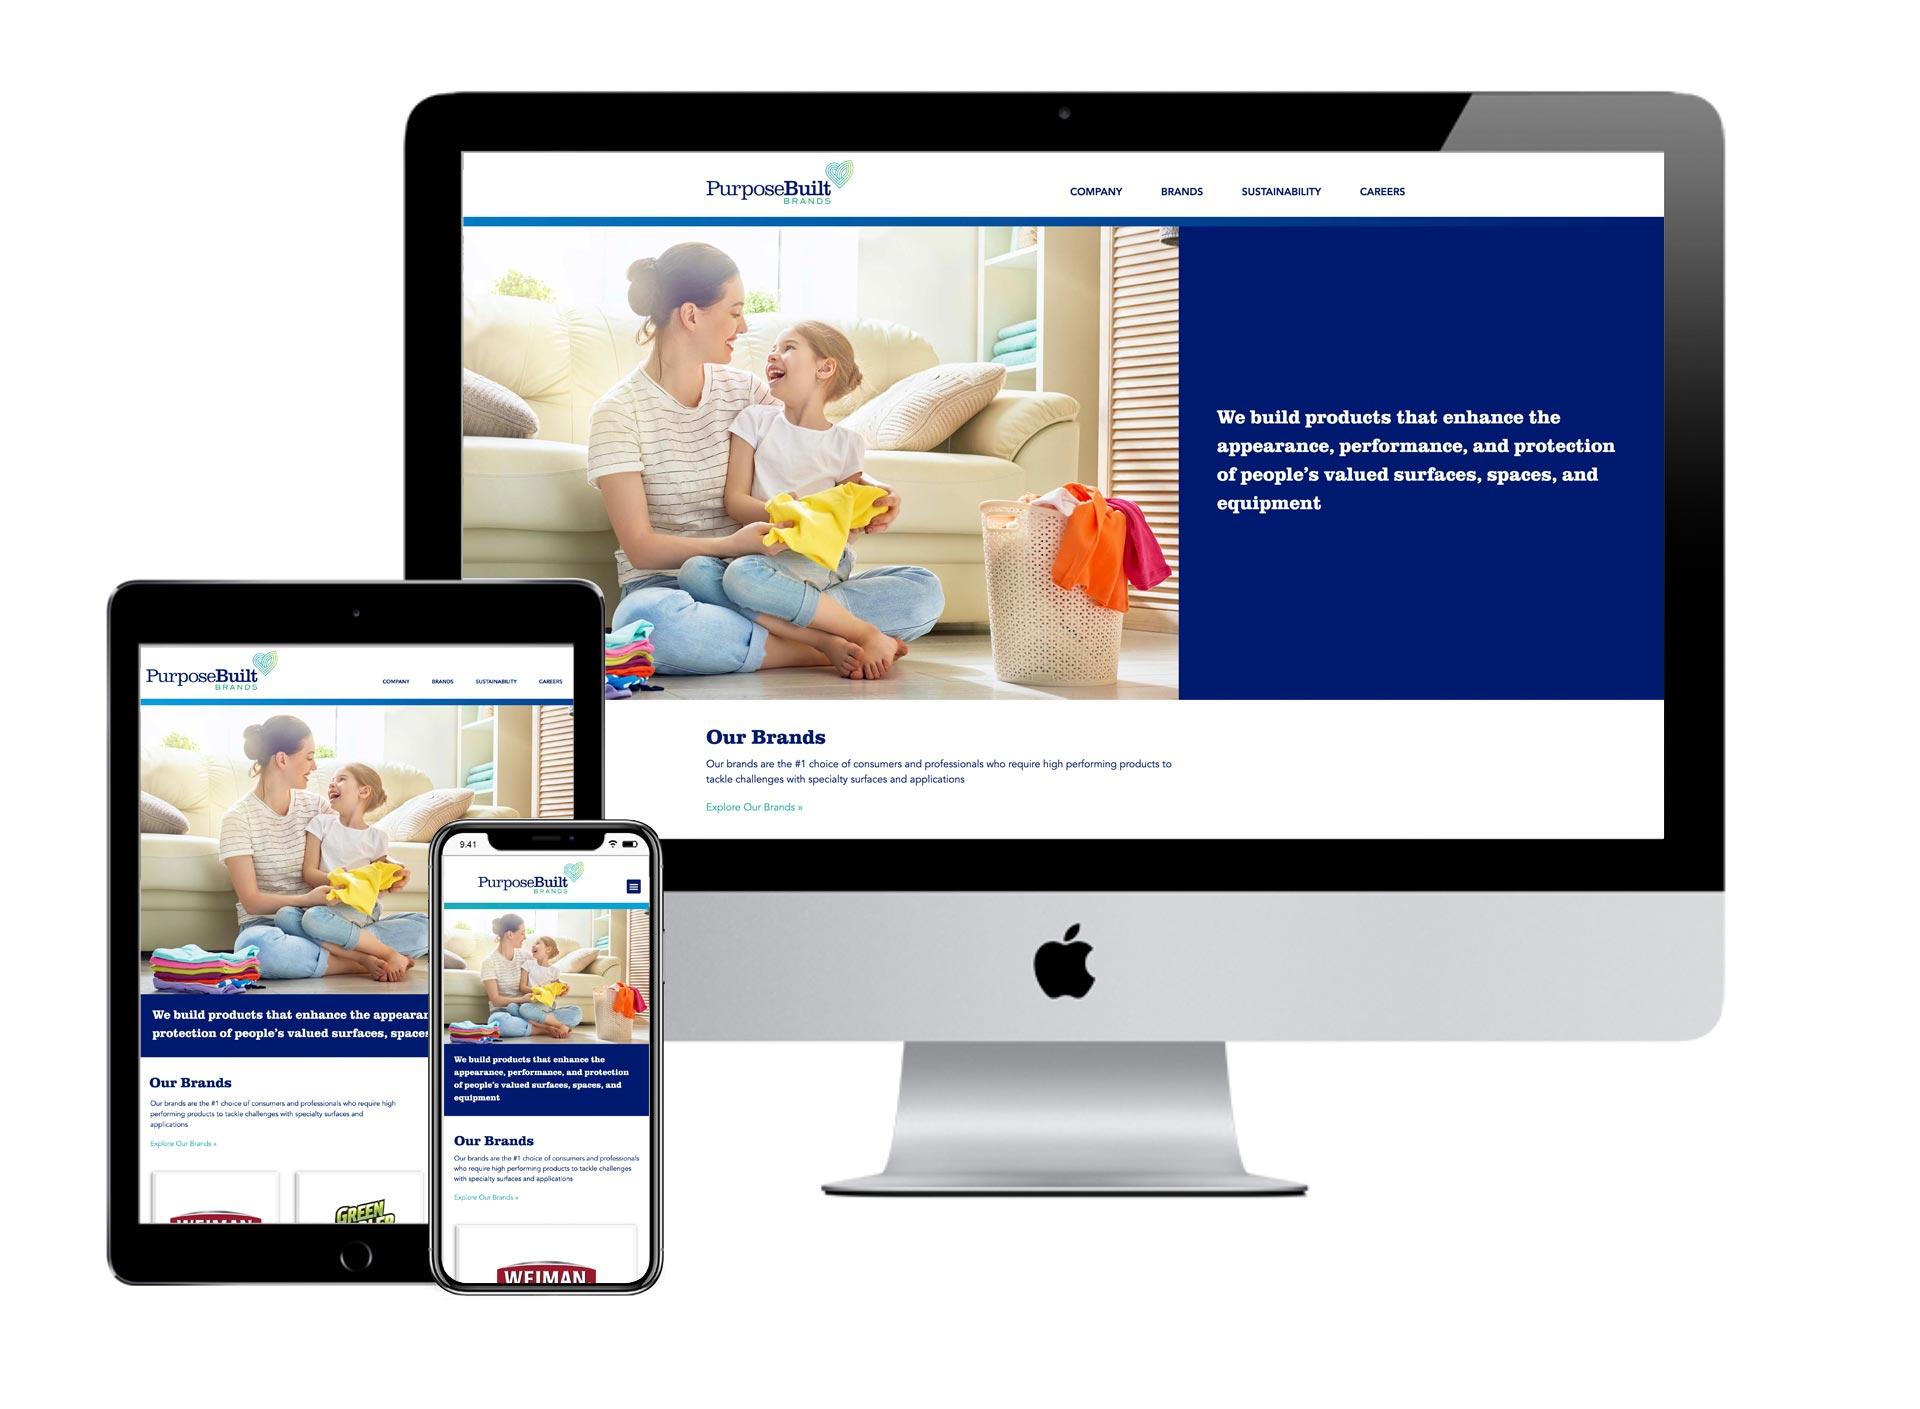 PurposeBuilt Brands Website